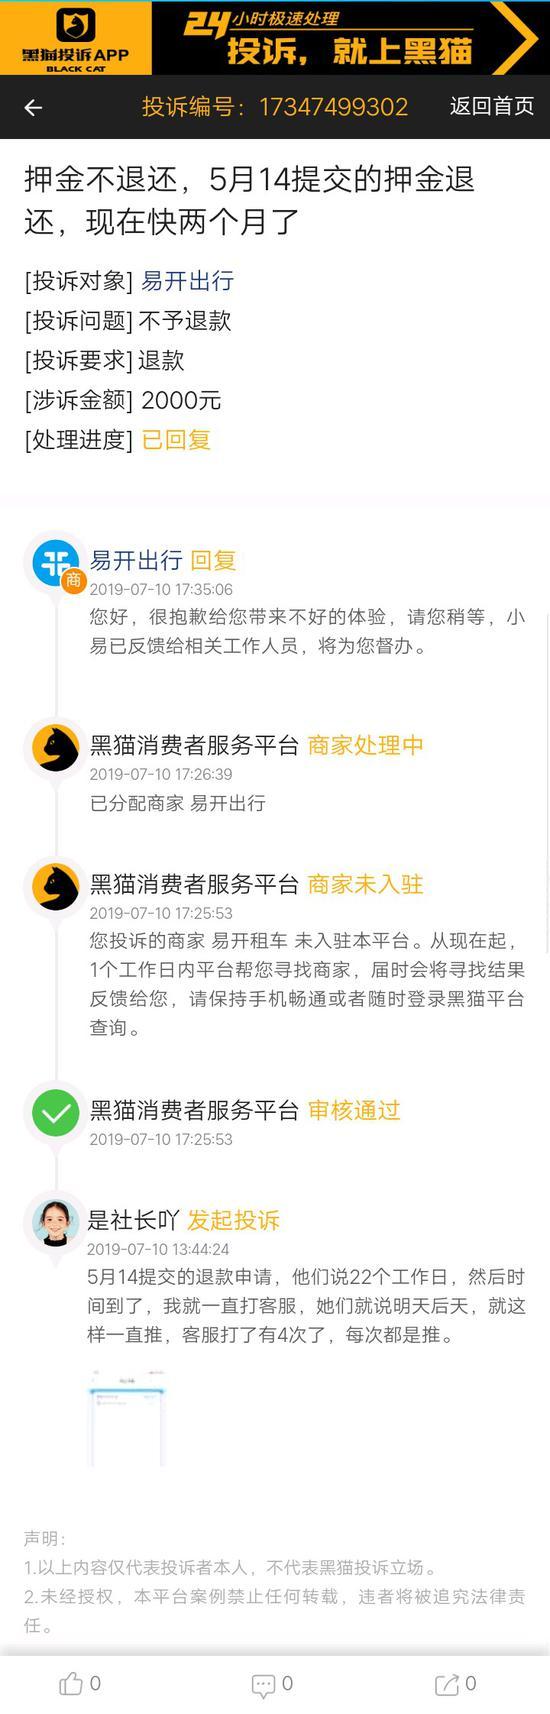 网友投诉易开出行押金不退还 官方客服已回复